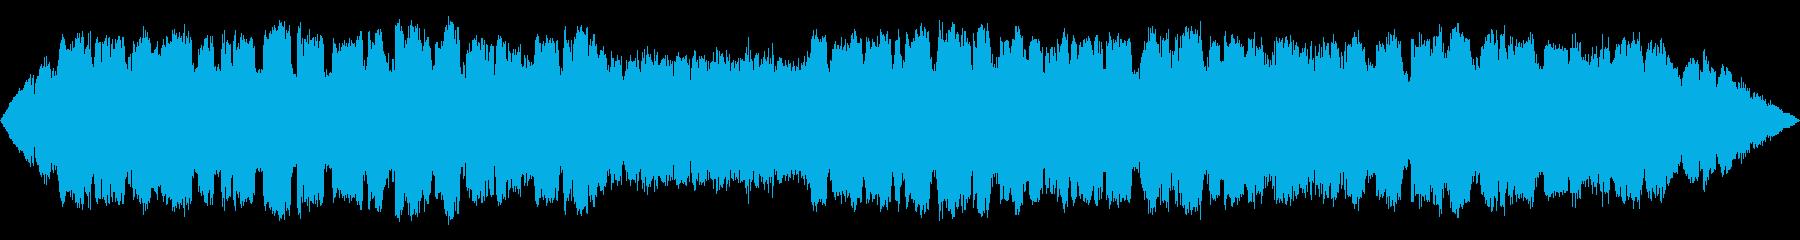 不思議な森の静かな笛のBGMの再生済みの波形